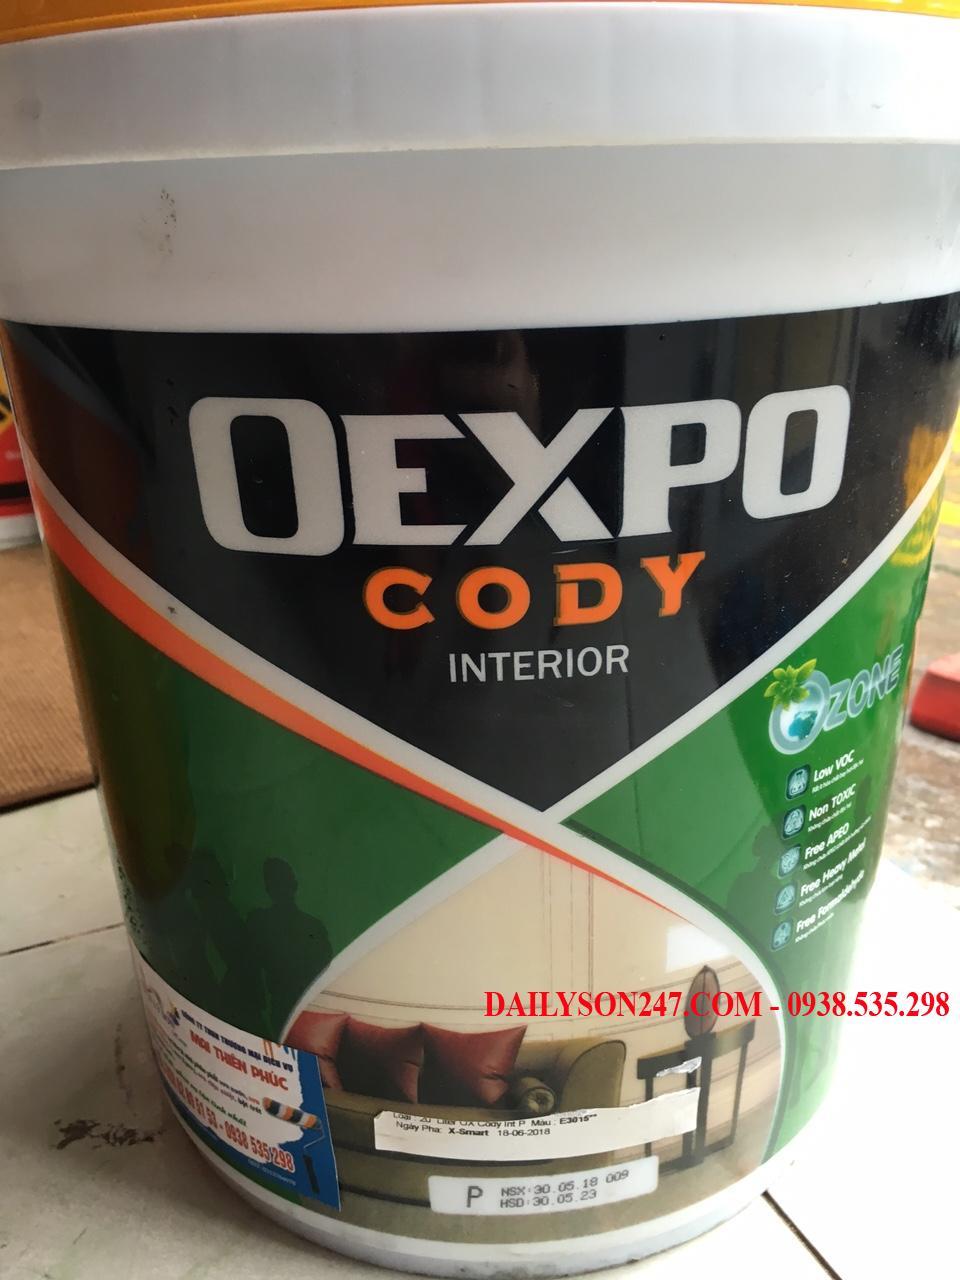 son-nuoc-noi-that-oexpo-cody-gia-re-chi-co-tai-dailyson247